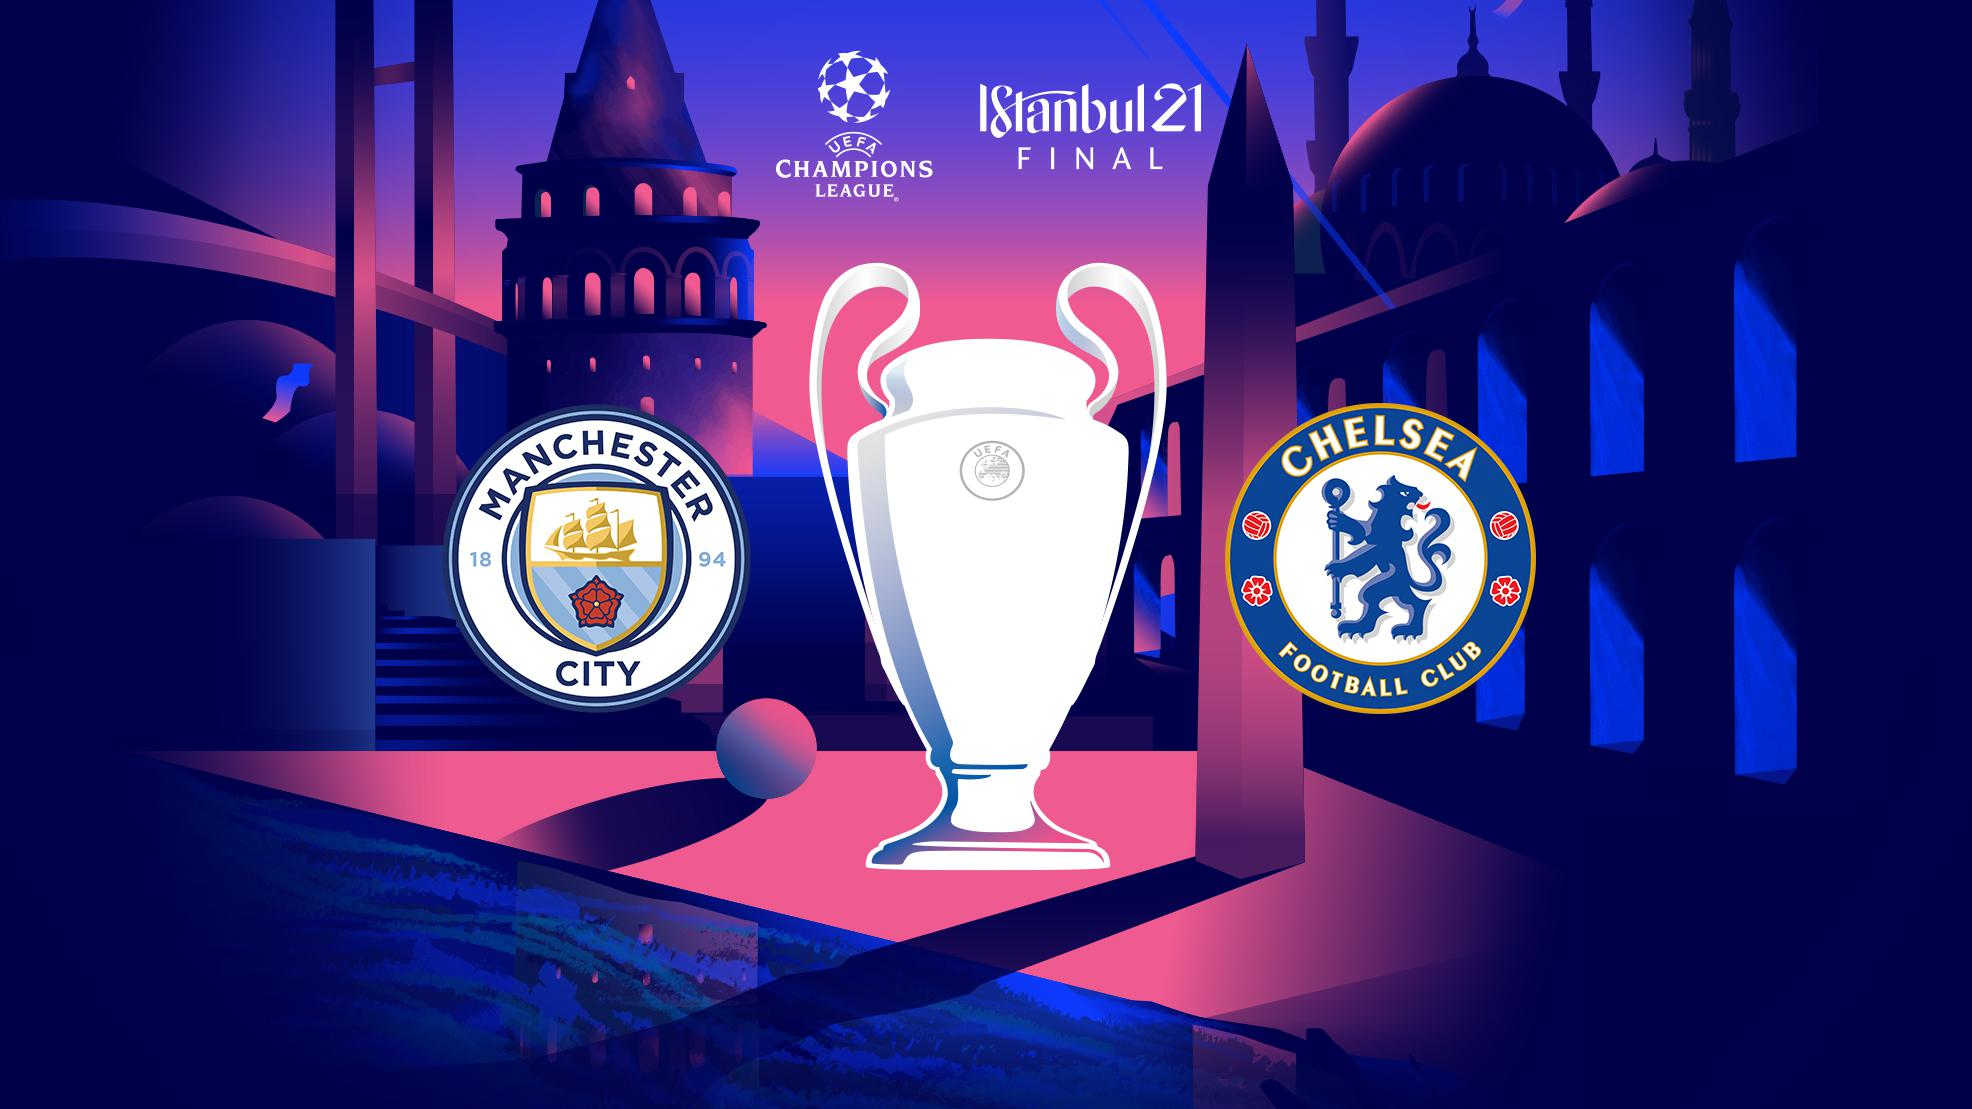 Champions League final: Manchester City vs Chelsea | UEFA Champions League  | UEFA.com